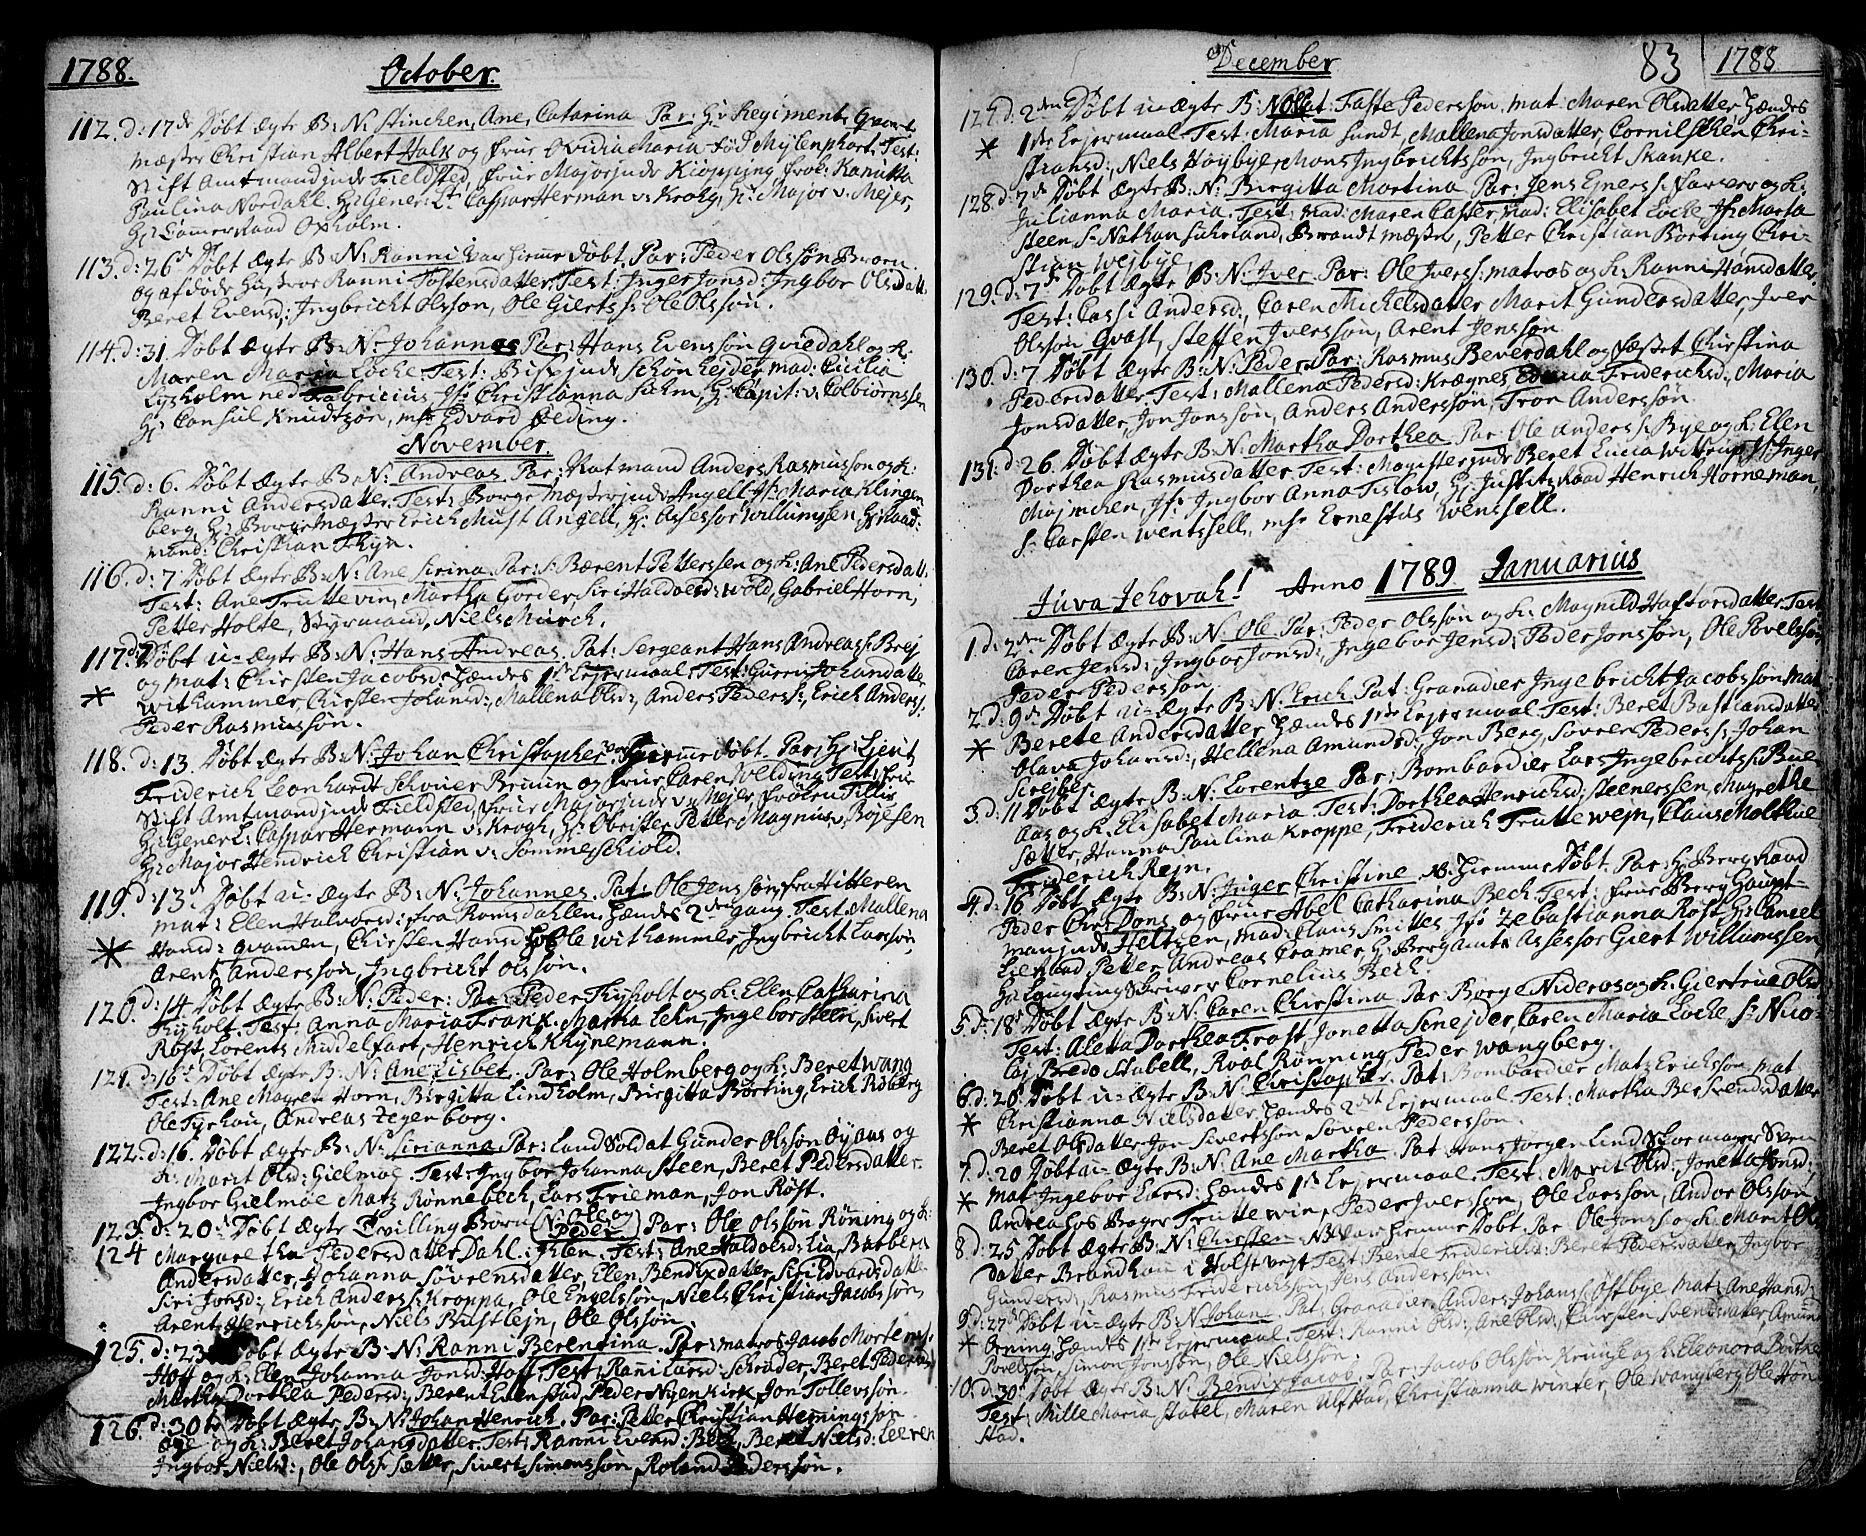 SAT, Ministerialprotokoller, klokkerbøker og fødselsregistre - Sør-Trøndelag, 601/L0039: Ministerialbok nr. 601A07, 1770-1819, s. 83